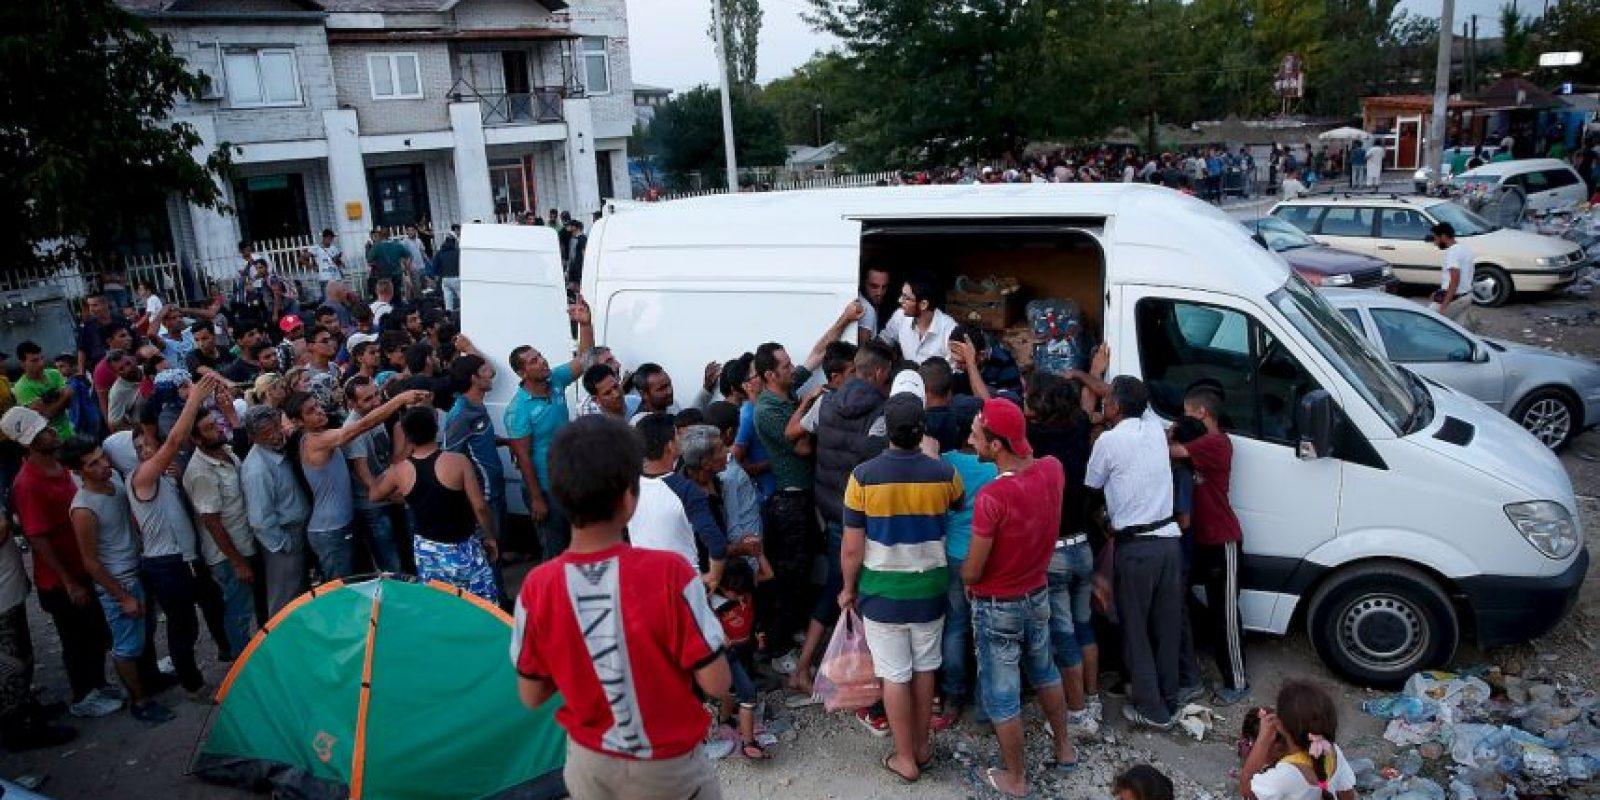 Se estima que el país que recibirá más número de migrantes será Alemania. Foto:Getty Images